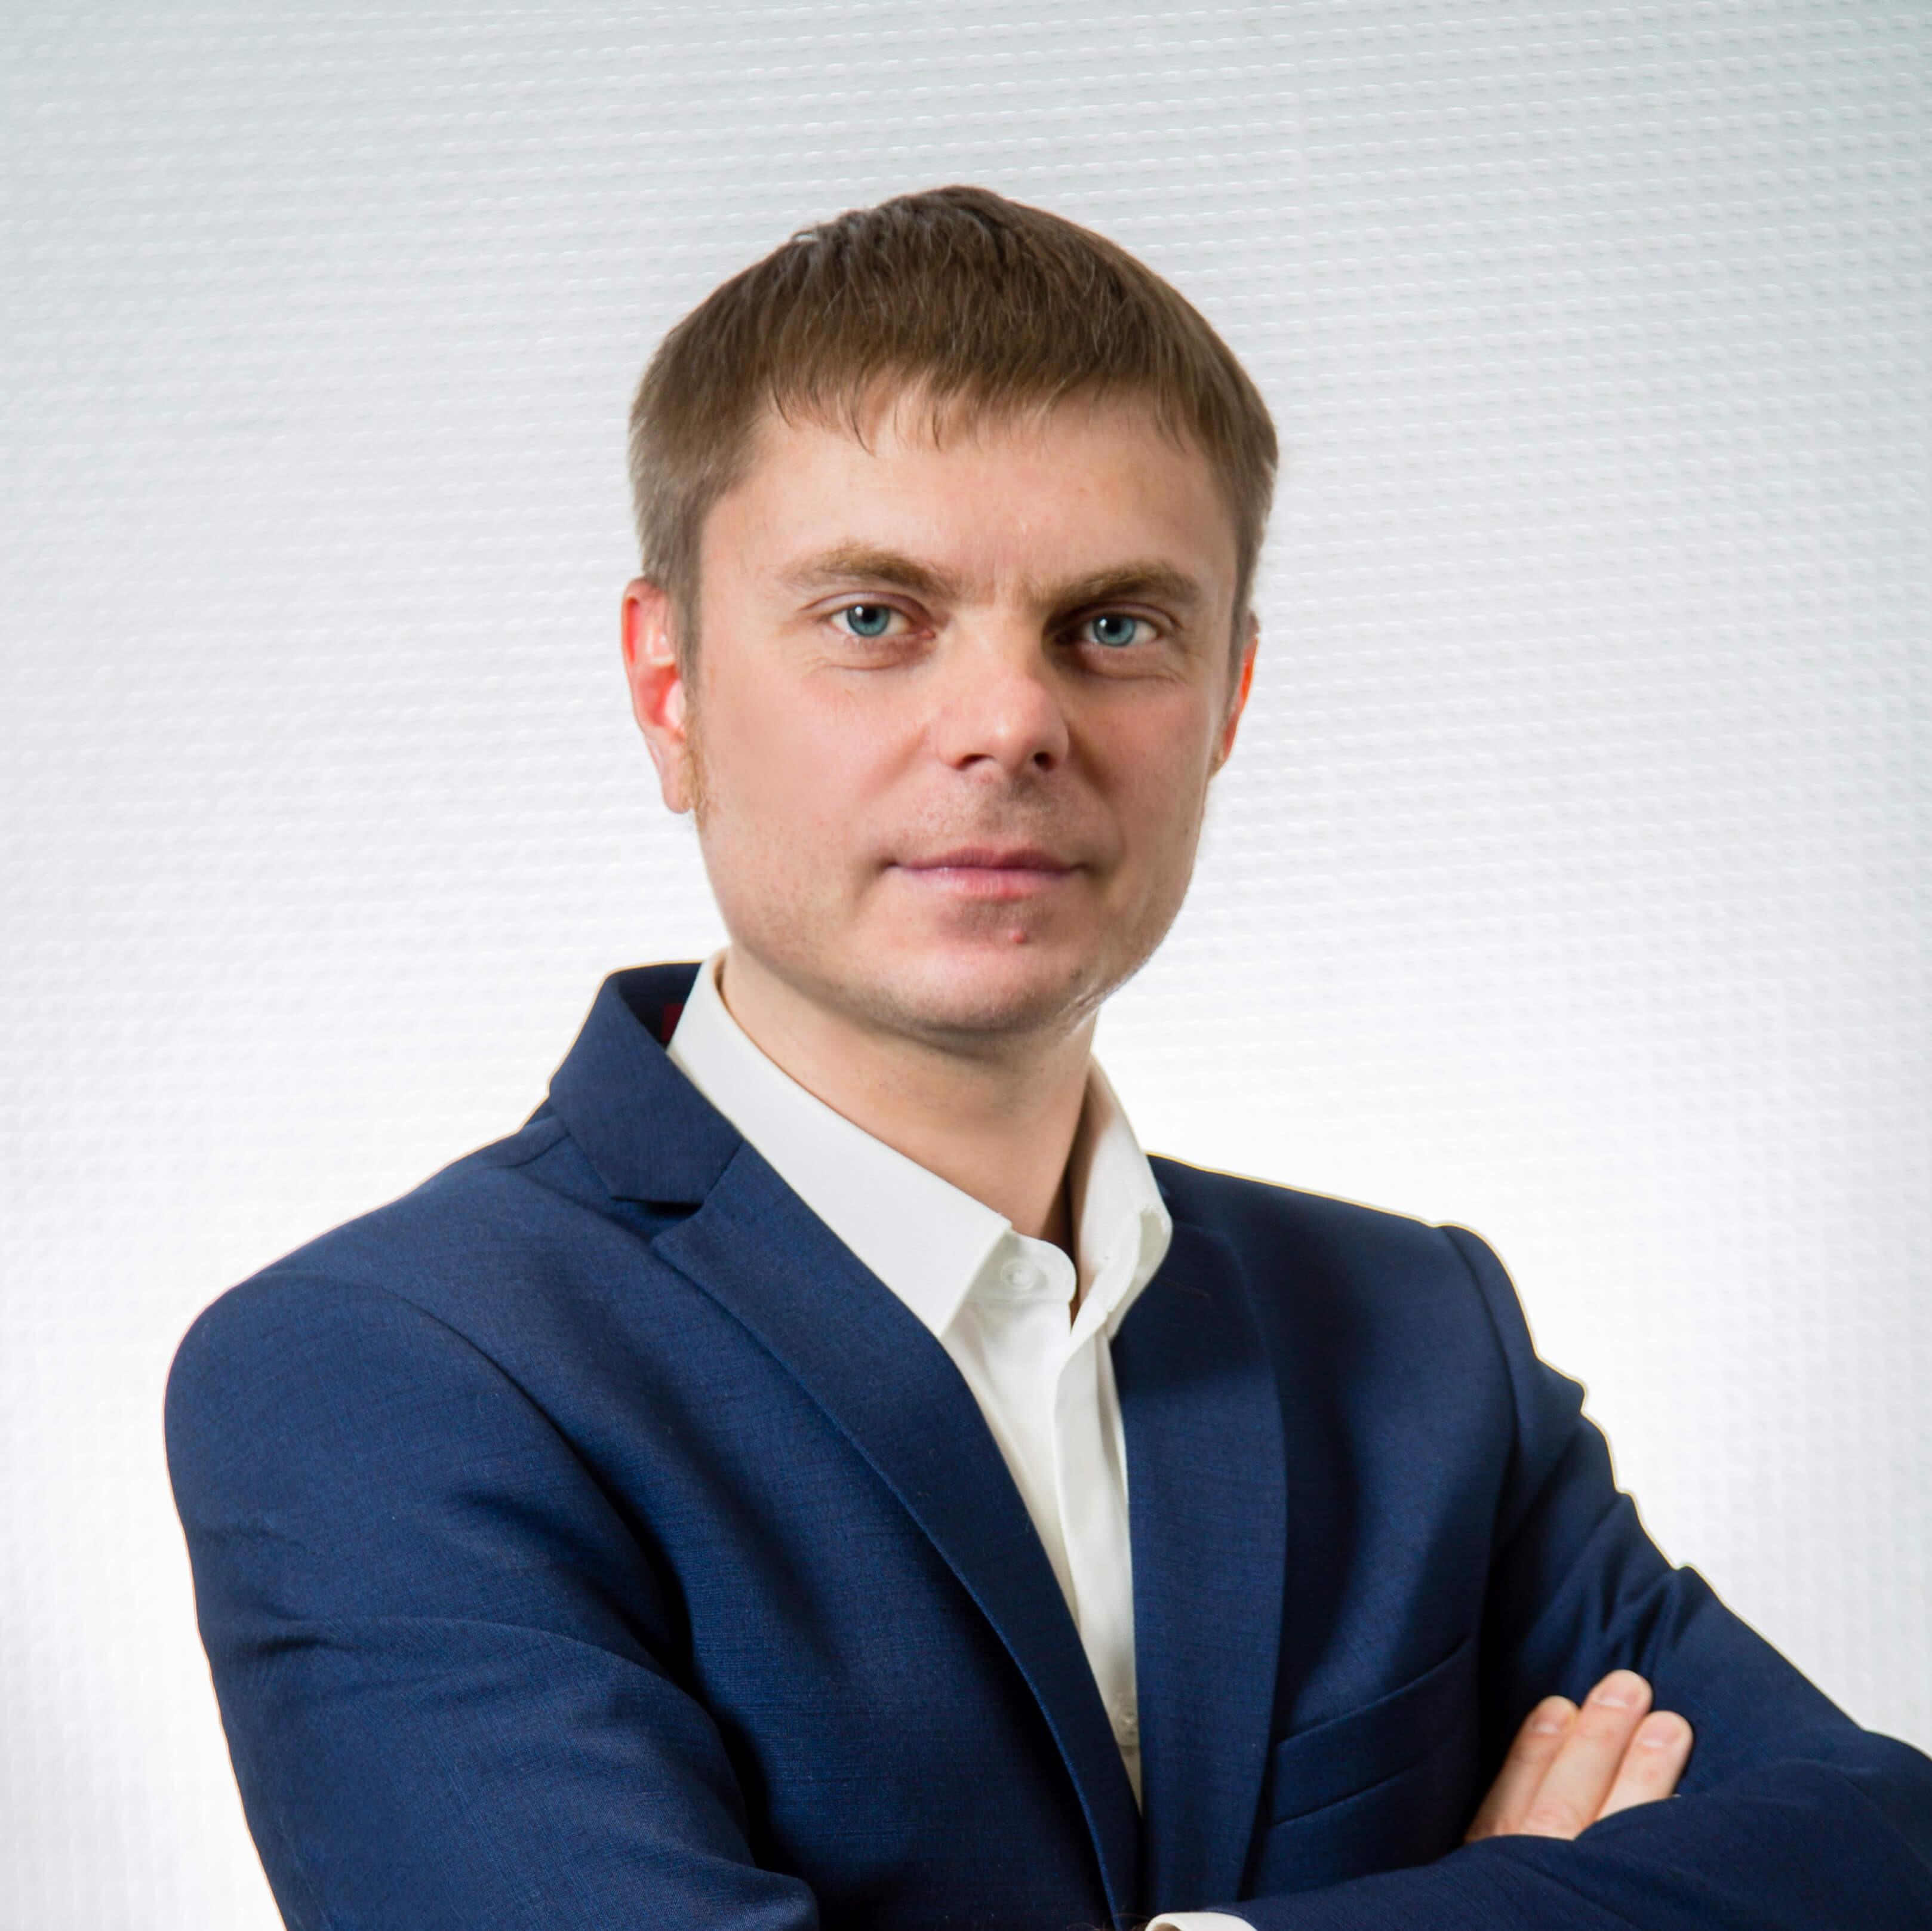 Жиляев Кирилл Владимирович